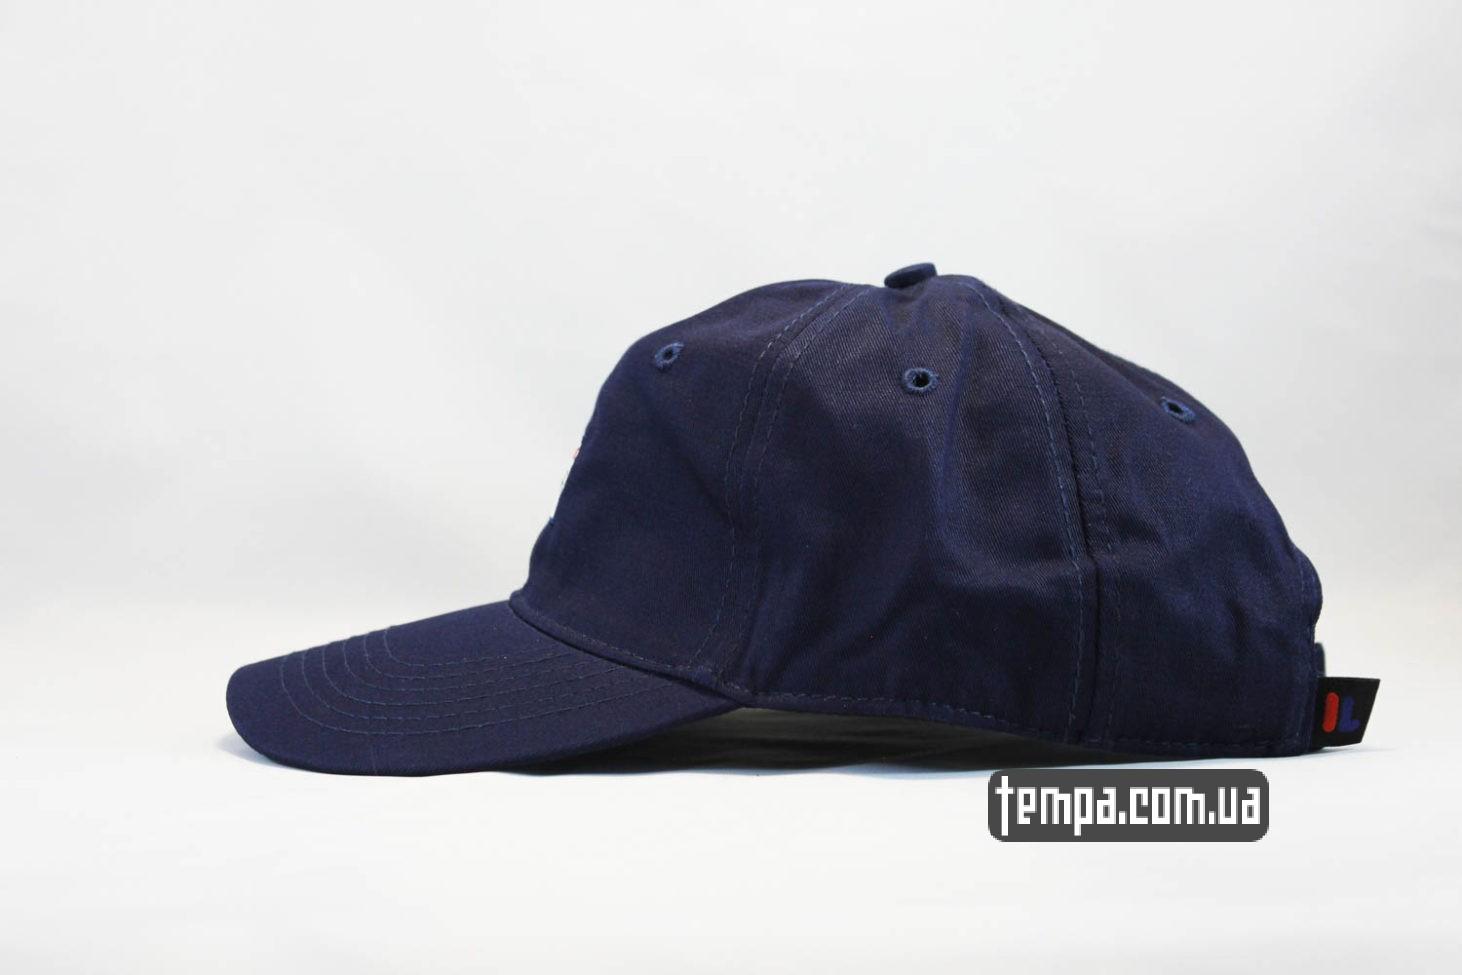 оригинал FILA OLDSCHOOL кепка бейсболка FILA маленький логотип синяя купить